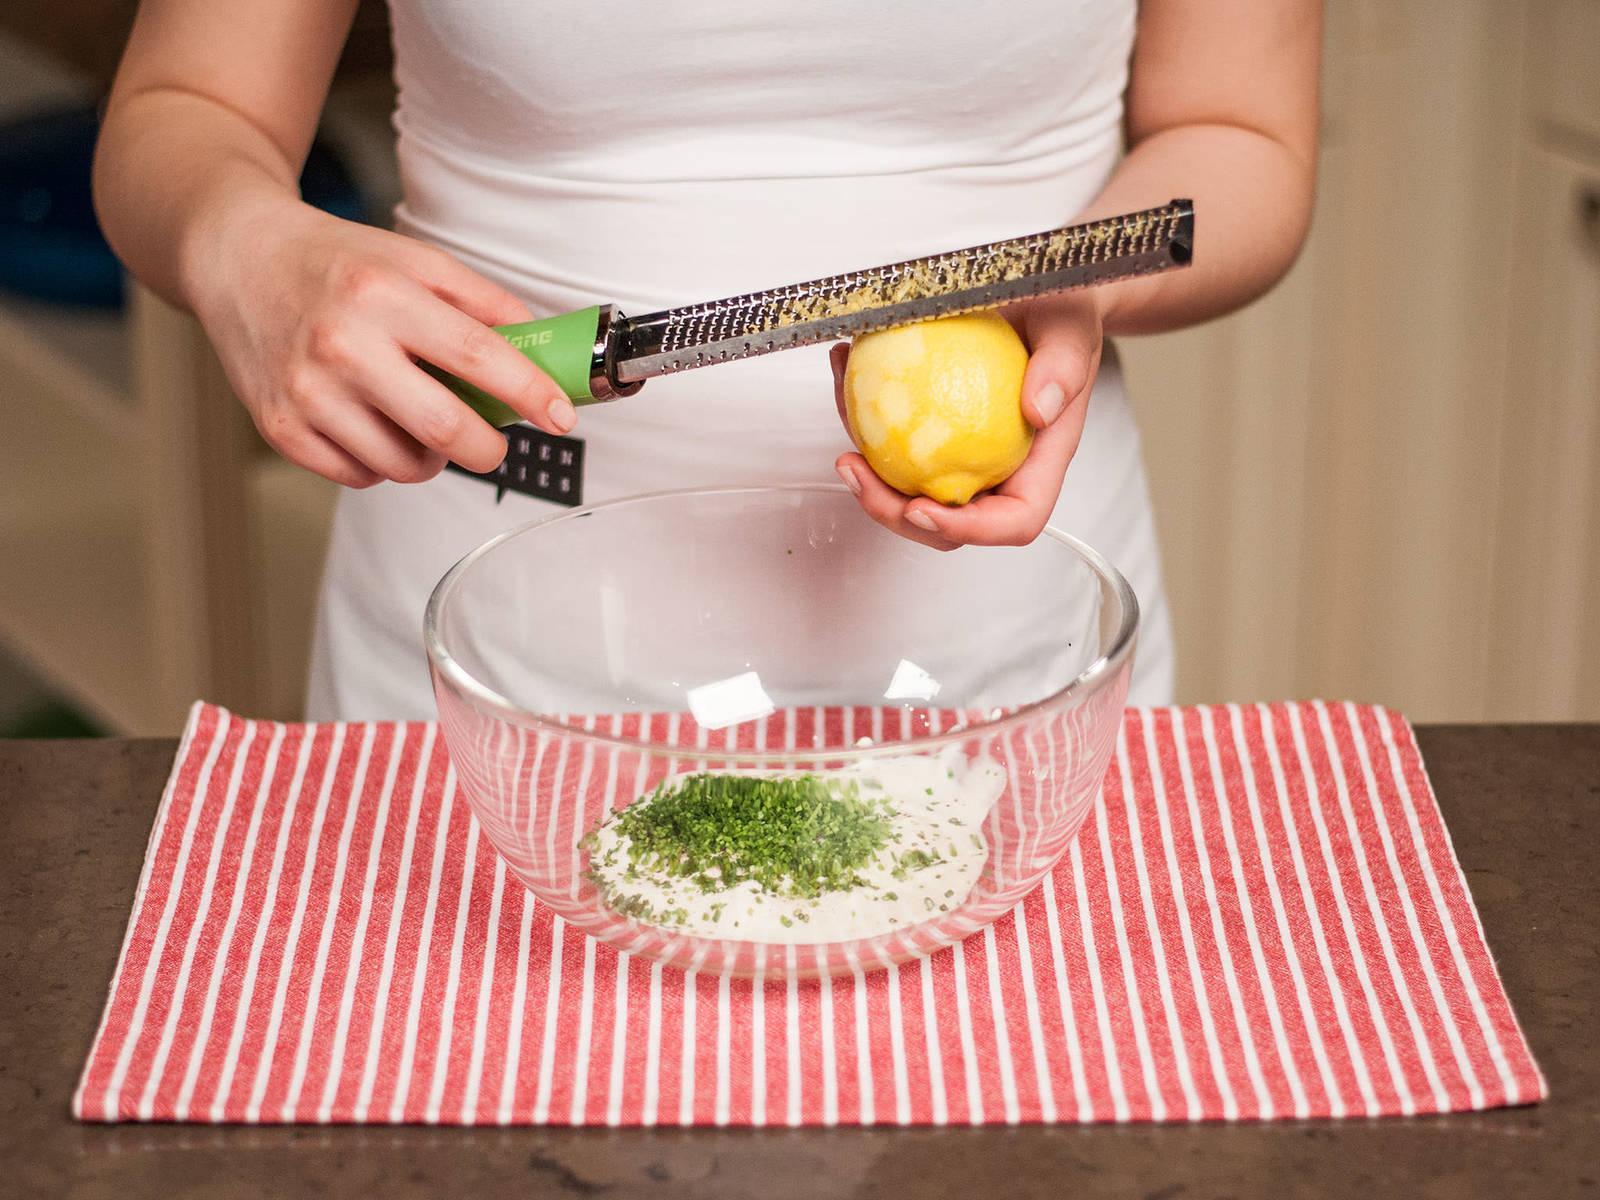 将酸奶油、细香葱末、柠檬皮碎及柠檬汁搅拌均匀。用盐和胡椒粉调味,配烤土豆和牛排享用。